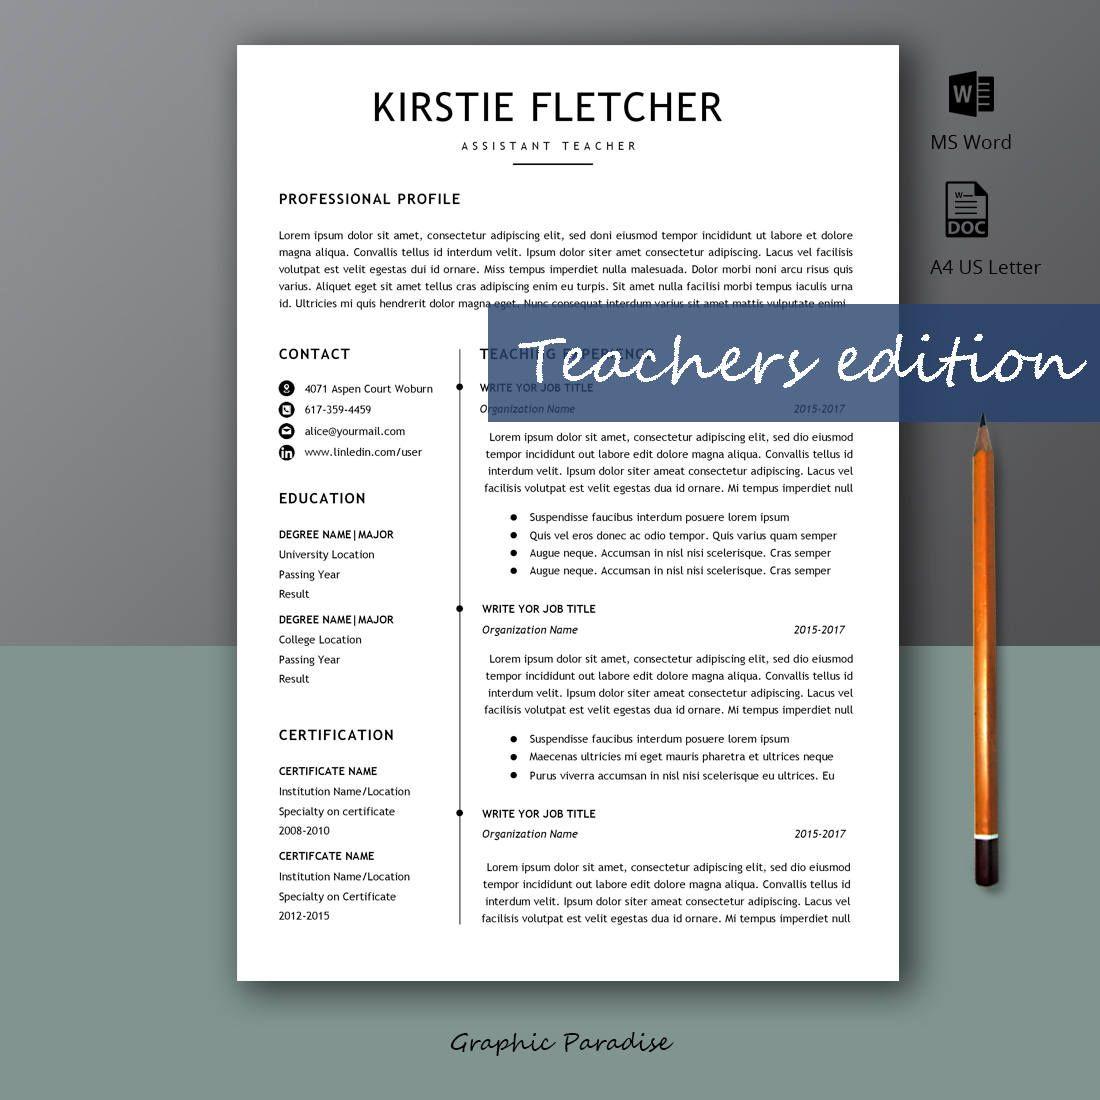 resume template, teacher resume template, teacher resume word,cv, cv